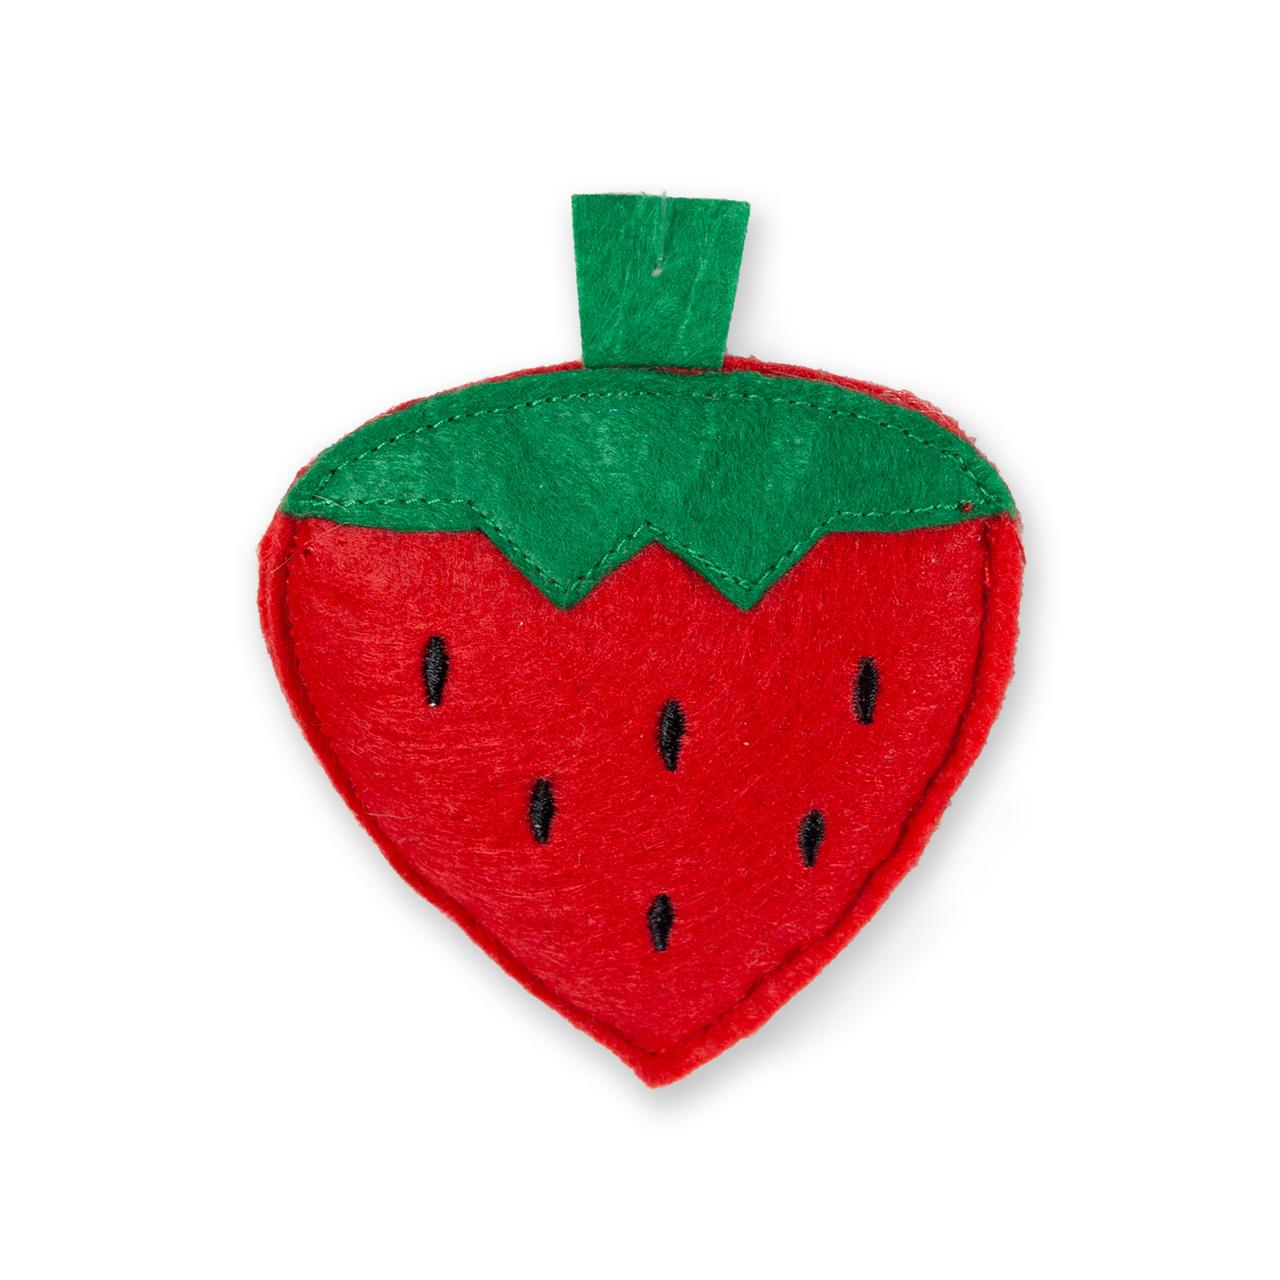 Karlie Katzenspielzeug aus Textil, Erdbeere - L: 9.5 cm